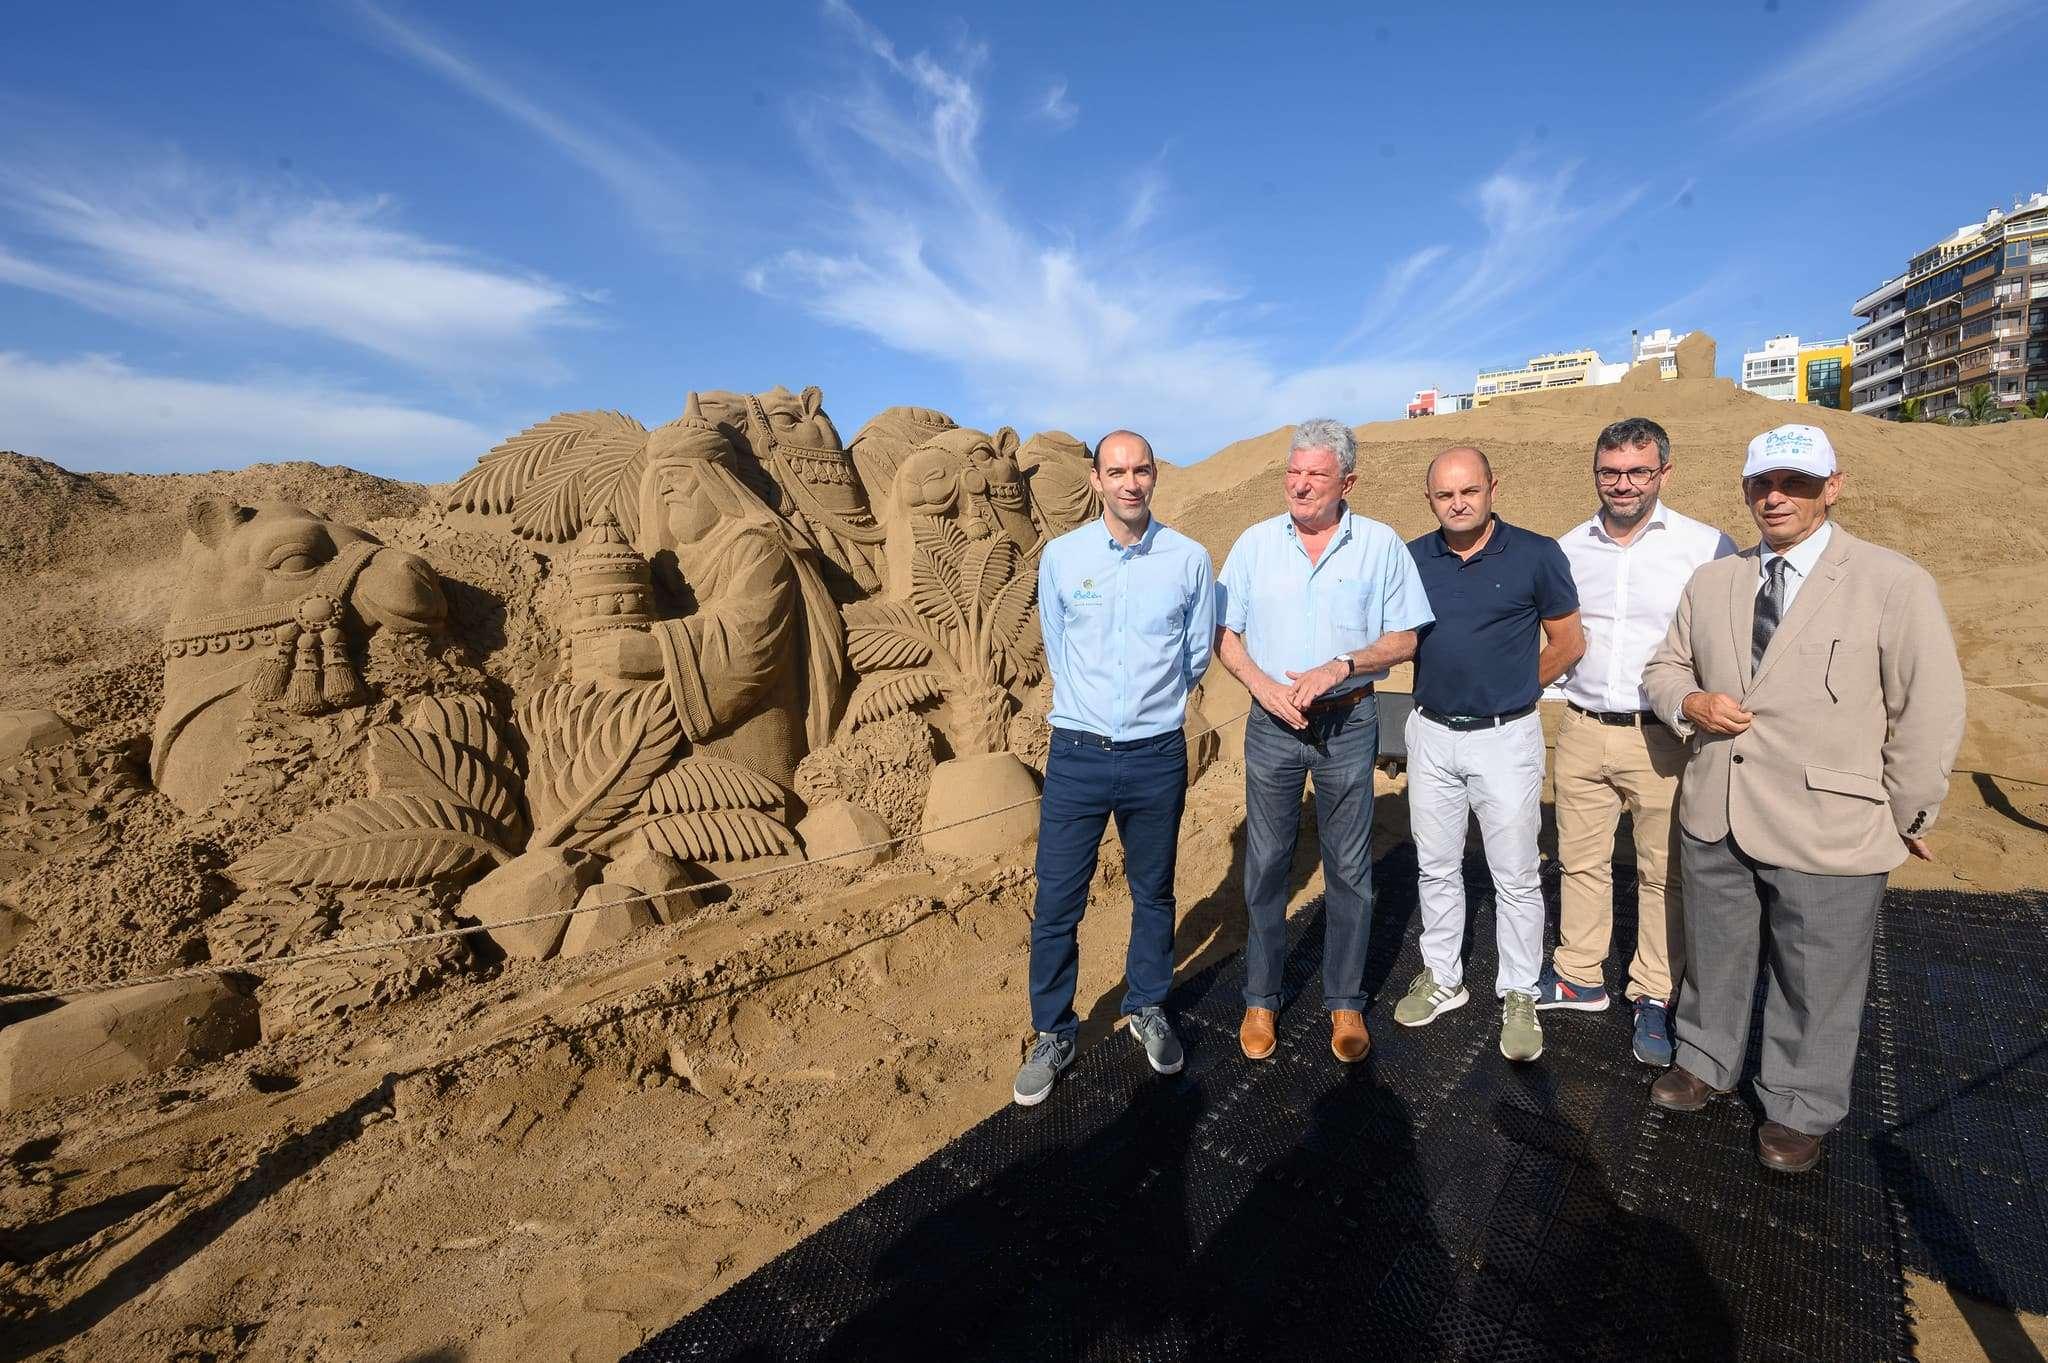 Un original Belén de arena para la navidad en Gran Canaria 81